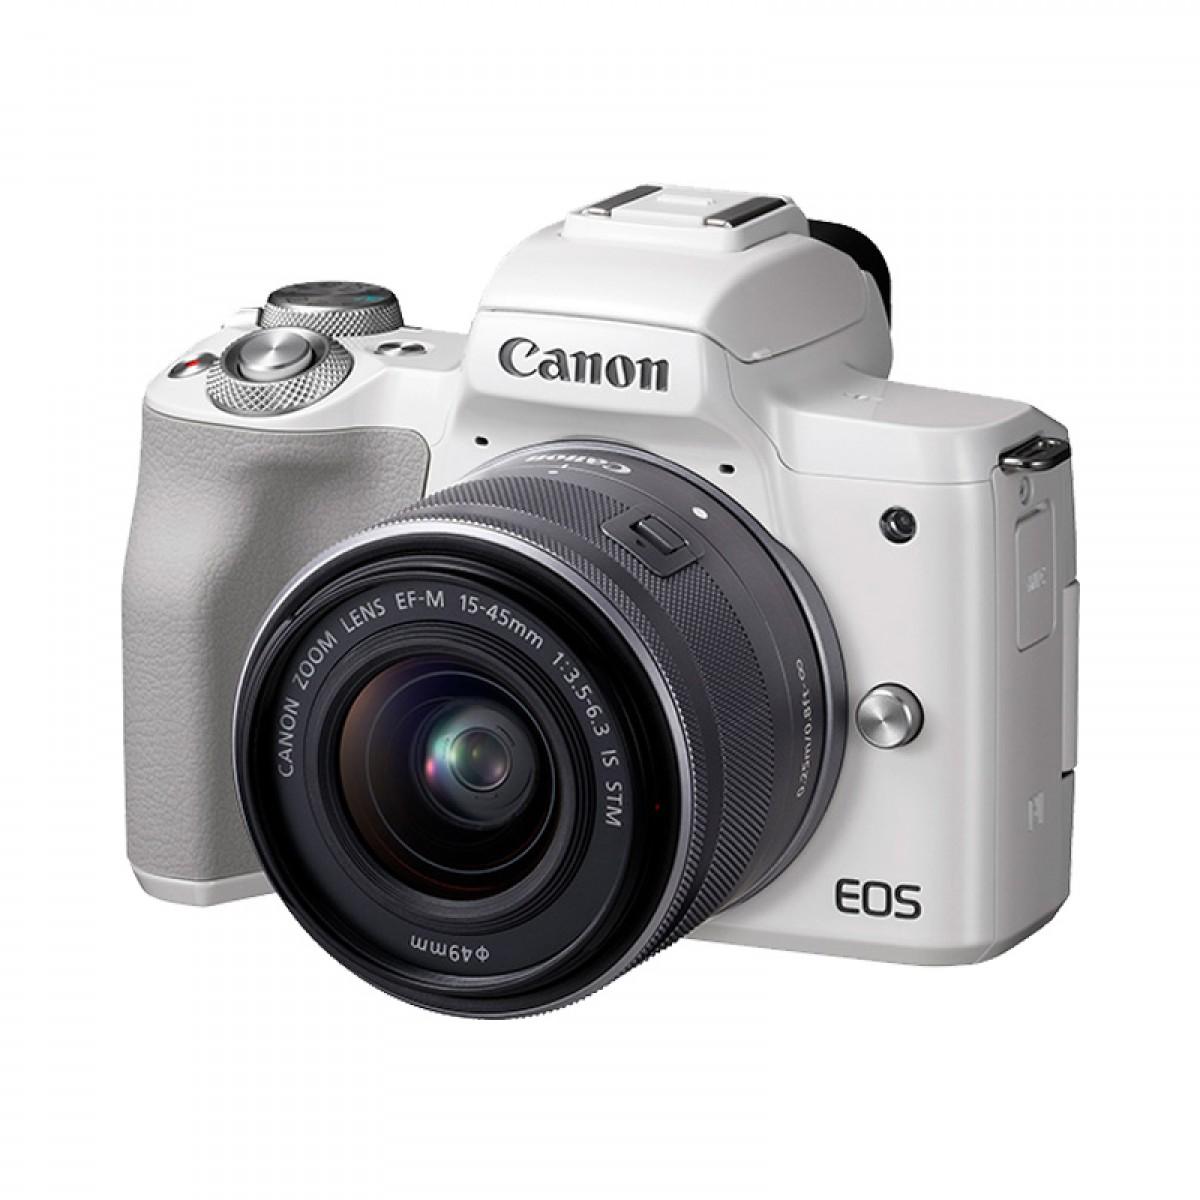 Canon/佳能eosM50 15-45套机数码男女学生入门级官方微单相机m50旅游vlog高清短视频自拍